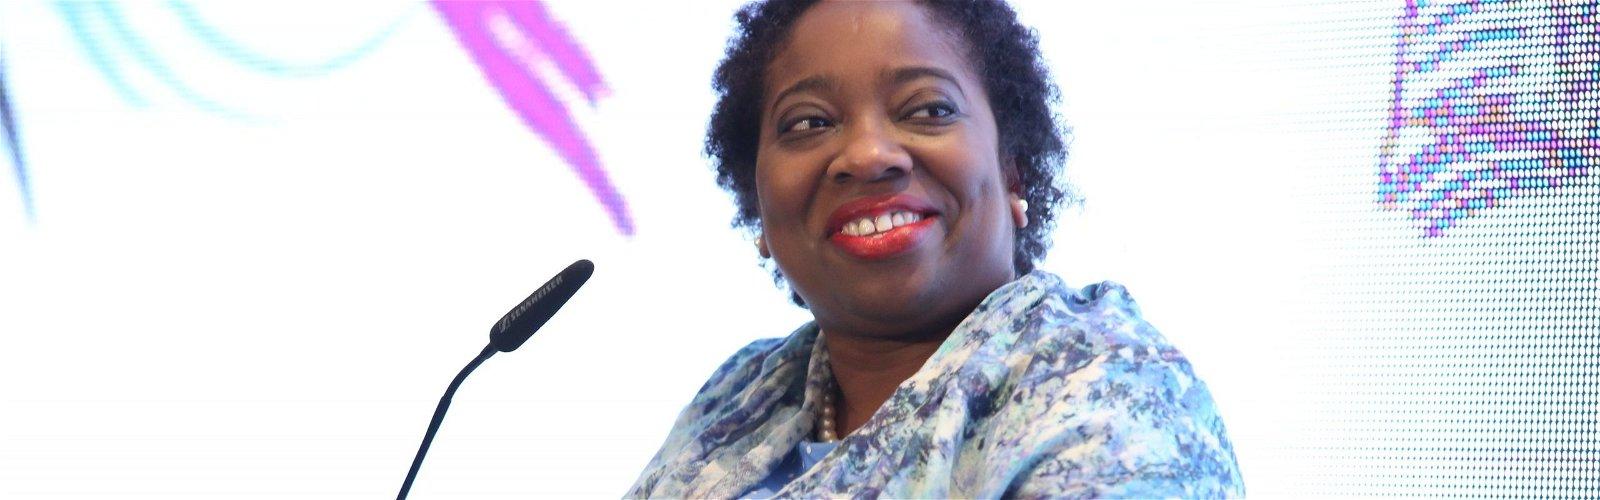 Suki Fuller speaking at event